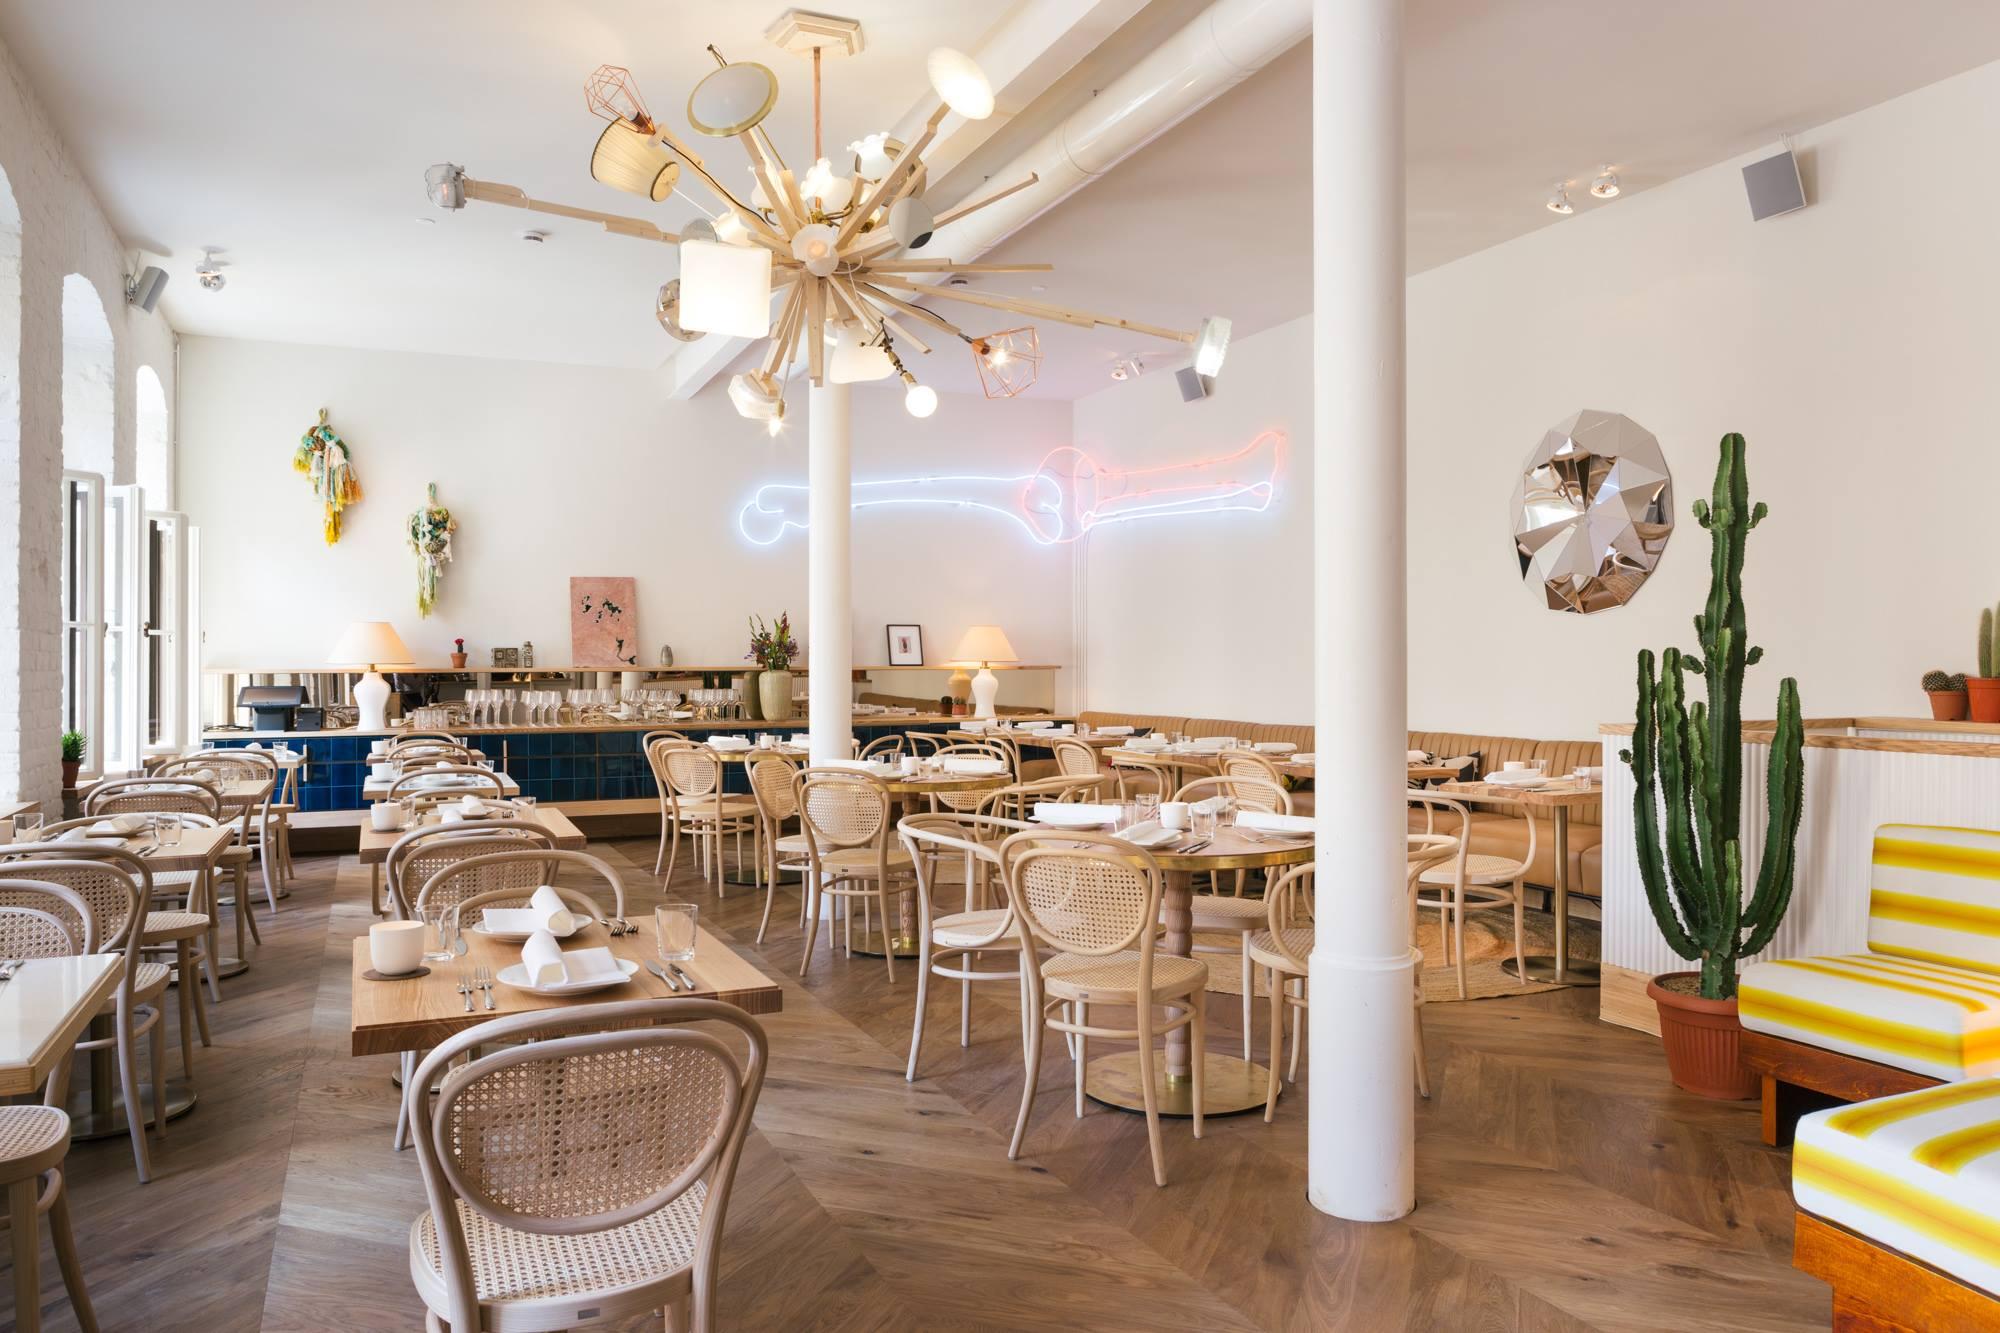 panama_restaurant_bar_berlin-1